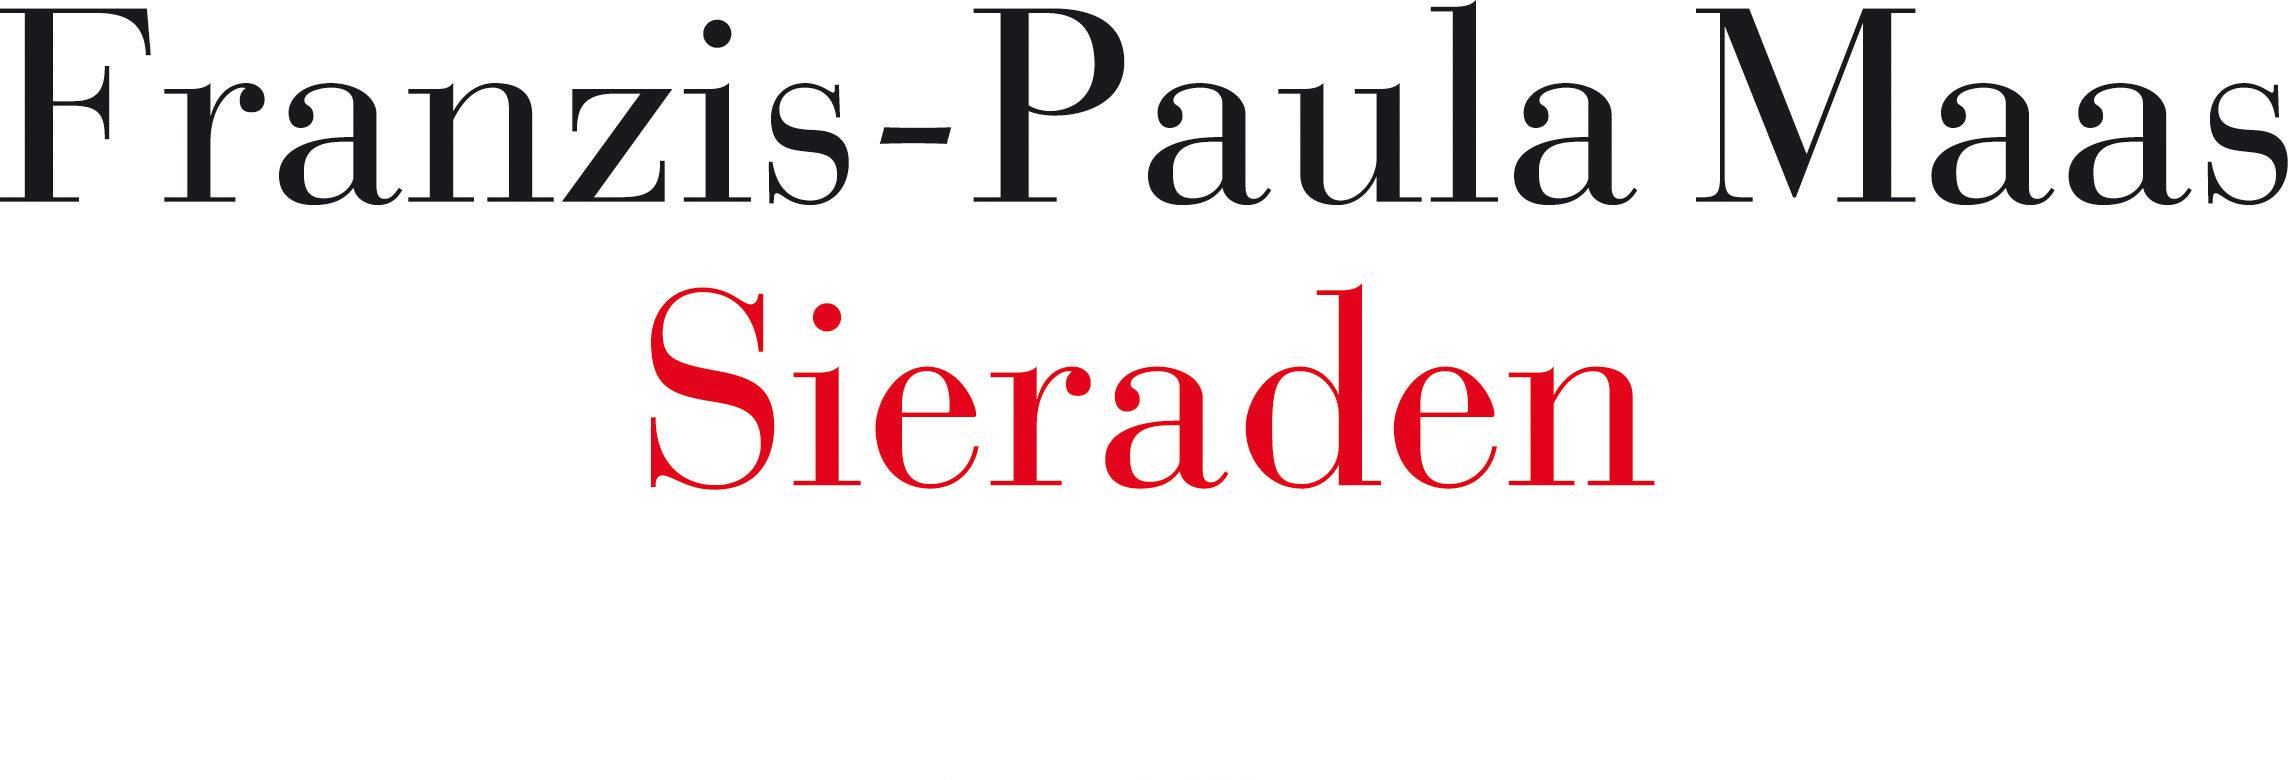 Sieraden Atelier Franzis-Paula Maas